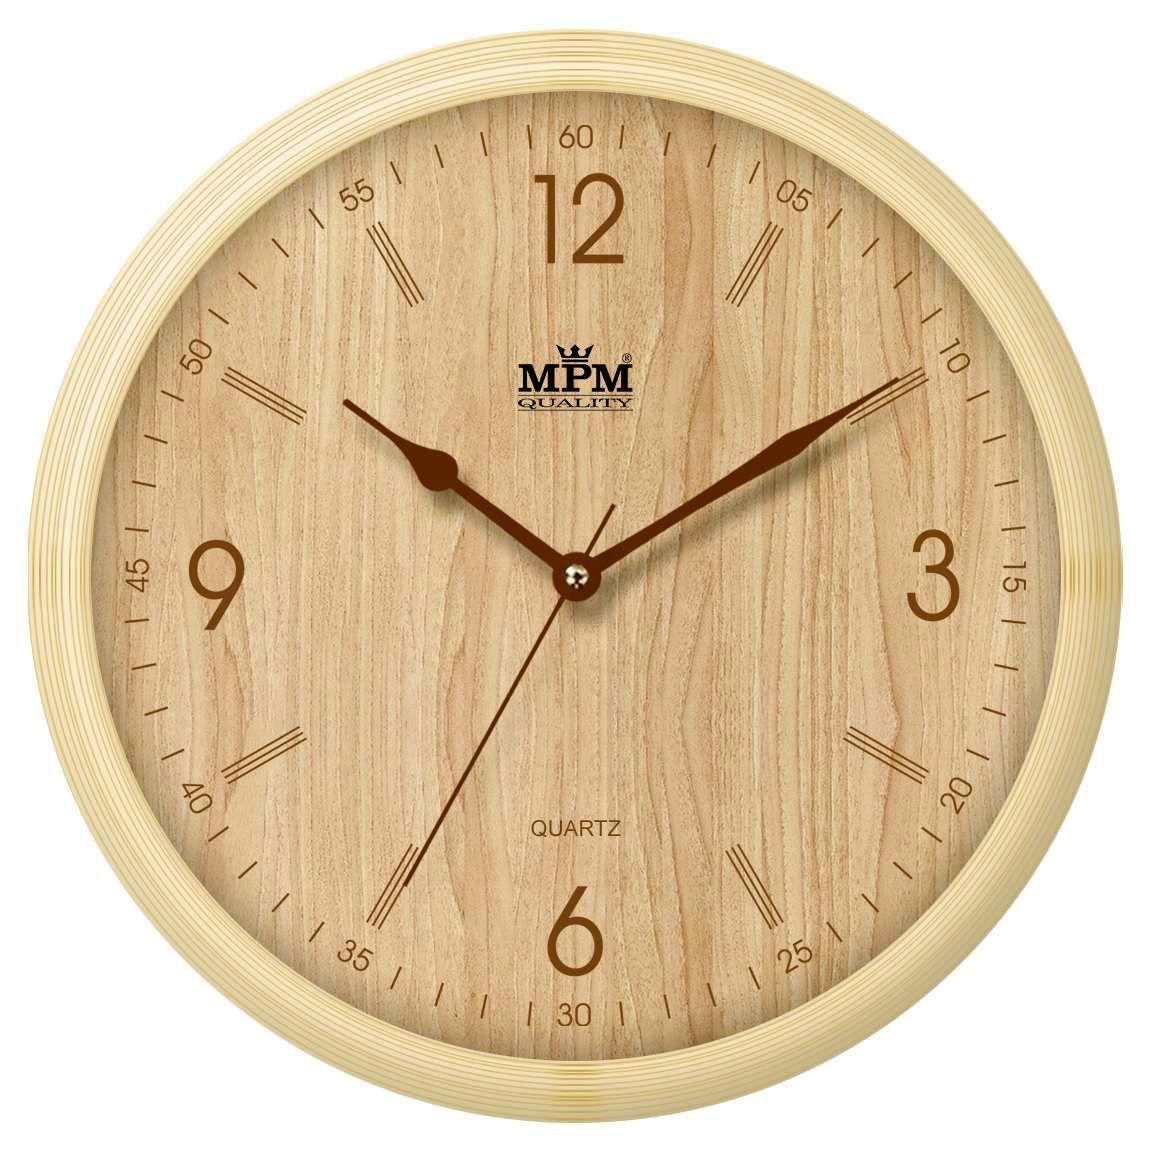 Hodiny na zeď Světle hnědé nástěnné plastové hodiny imitujicí dřevo..0438 167776 Designové hodiny